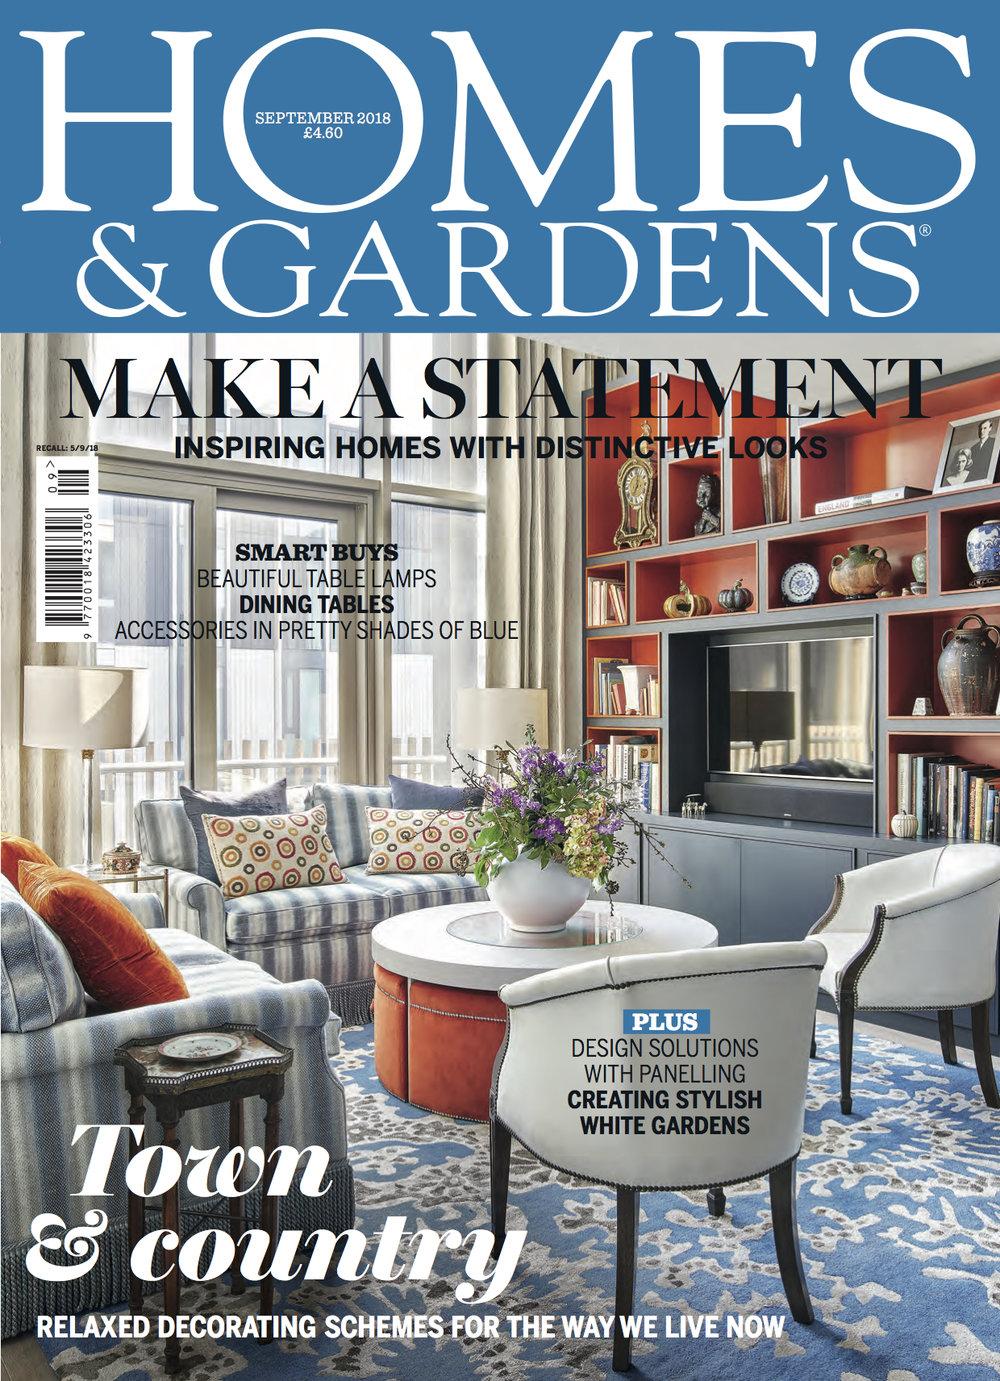 Homes & Gardens - September 2018